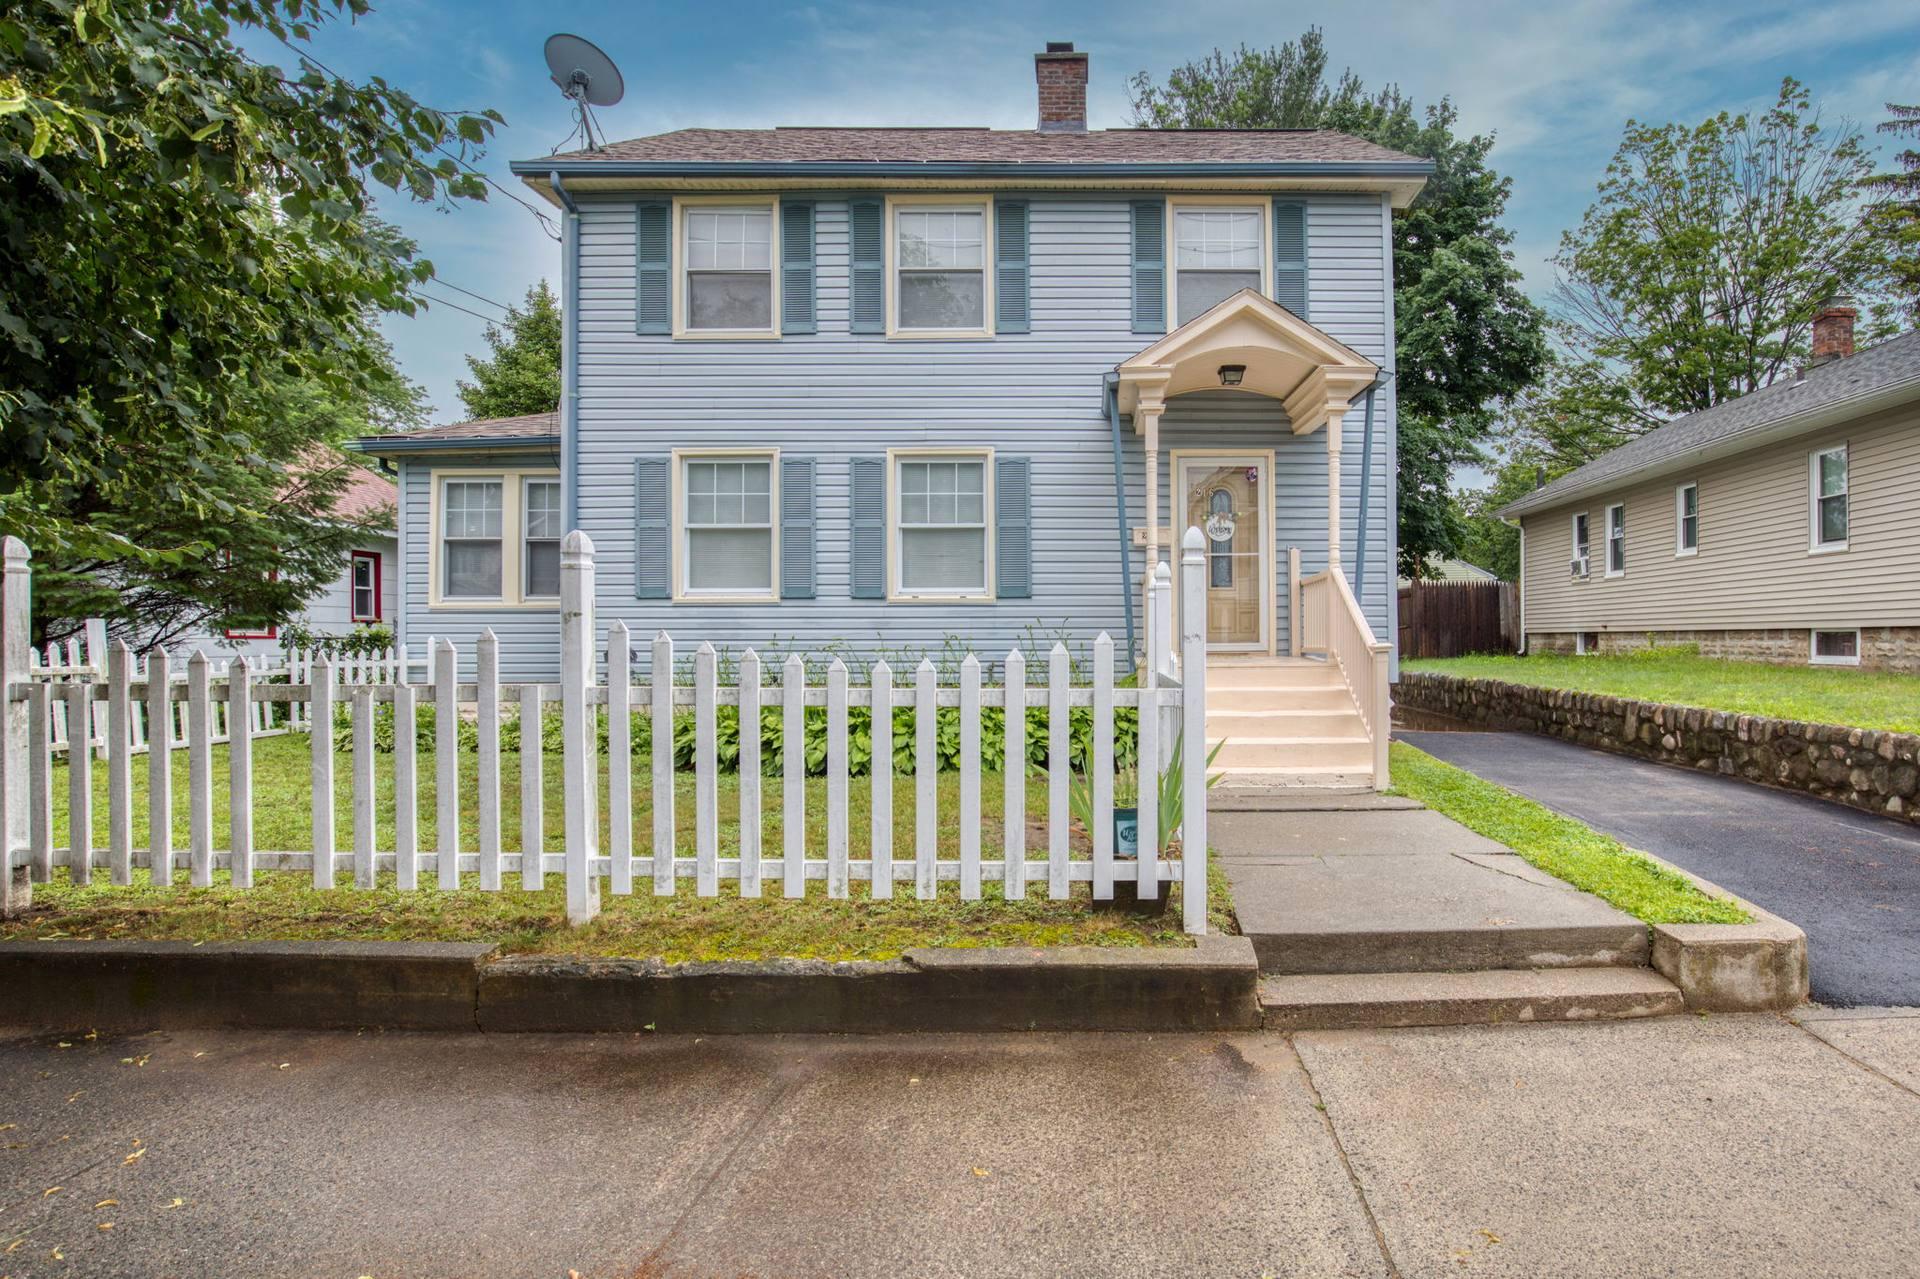 216 Jasper St, Springfield, MA 01109, USA